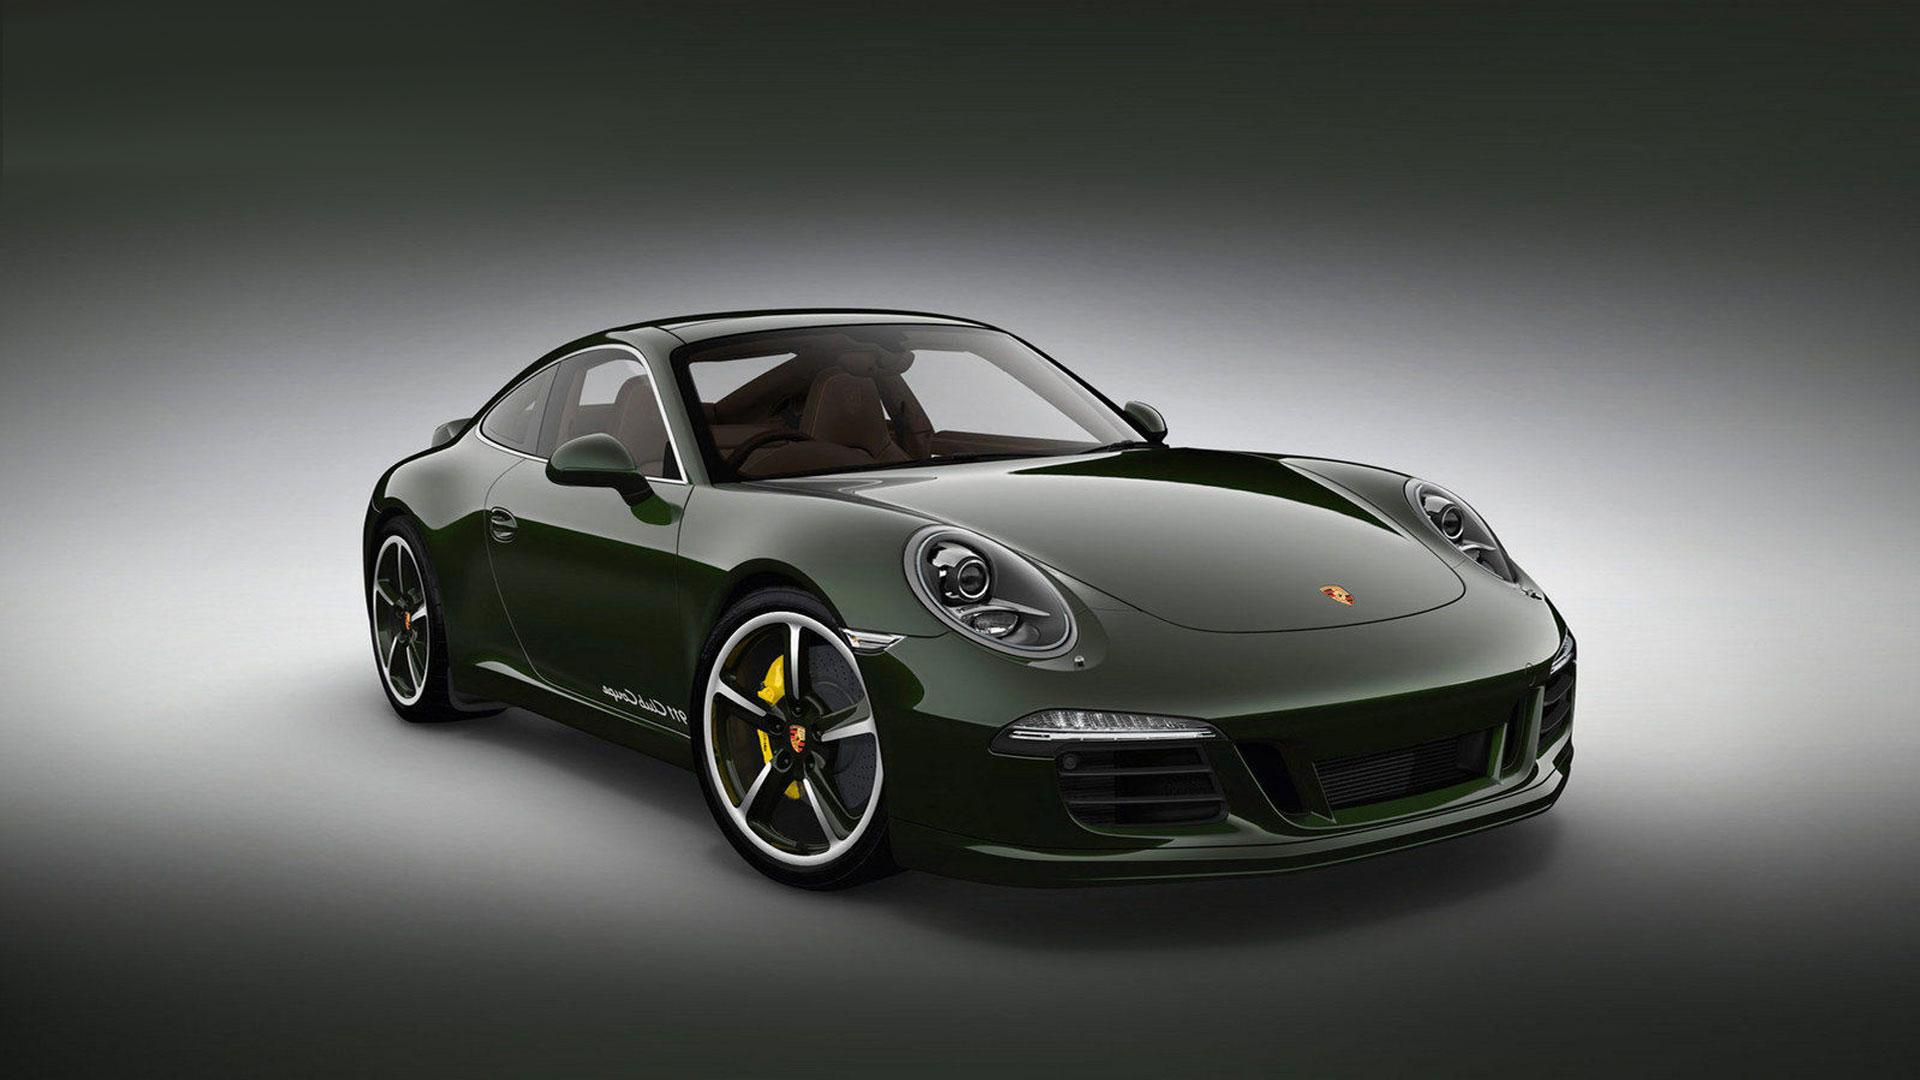 free porsche 911 desktop image 911 wallpapers - Porsche Wallpapers For Desktop